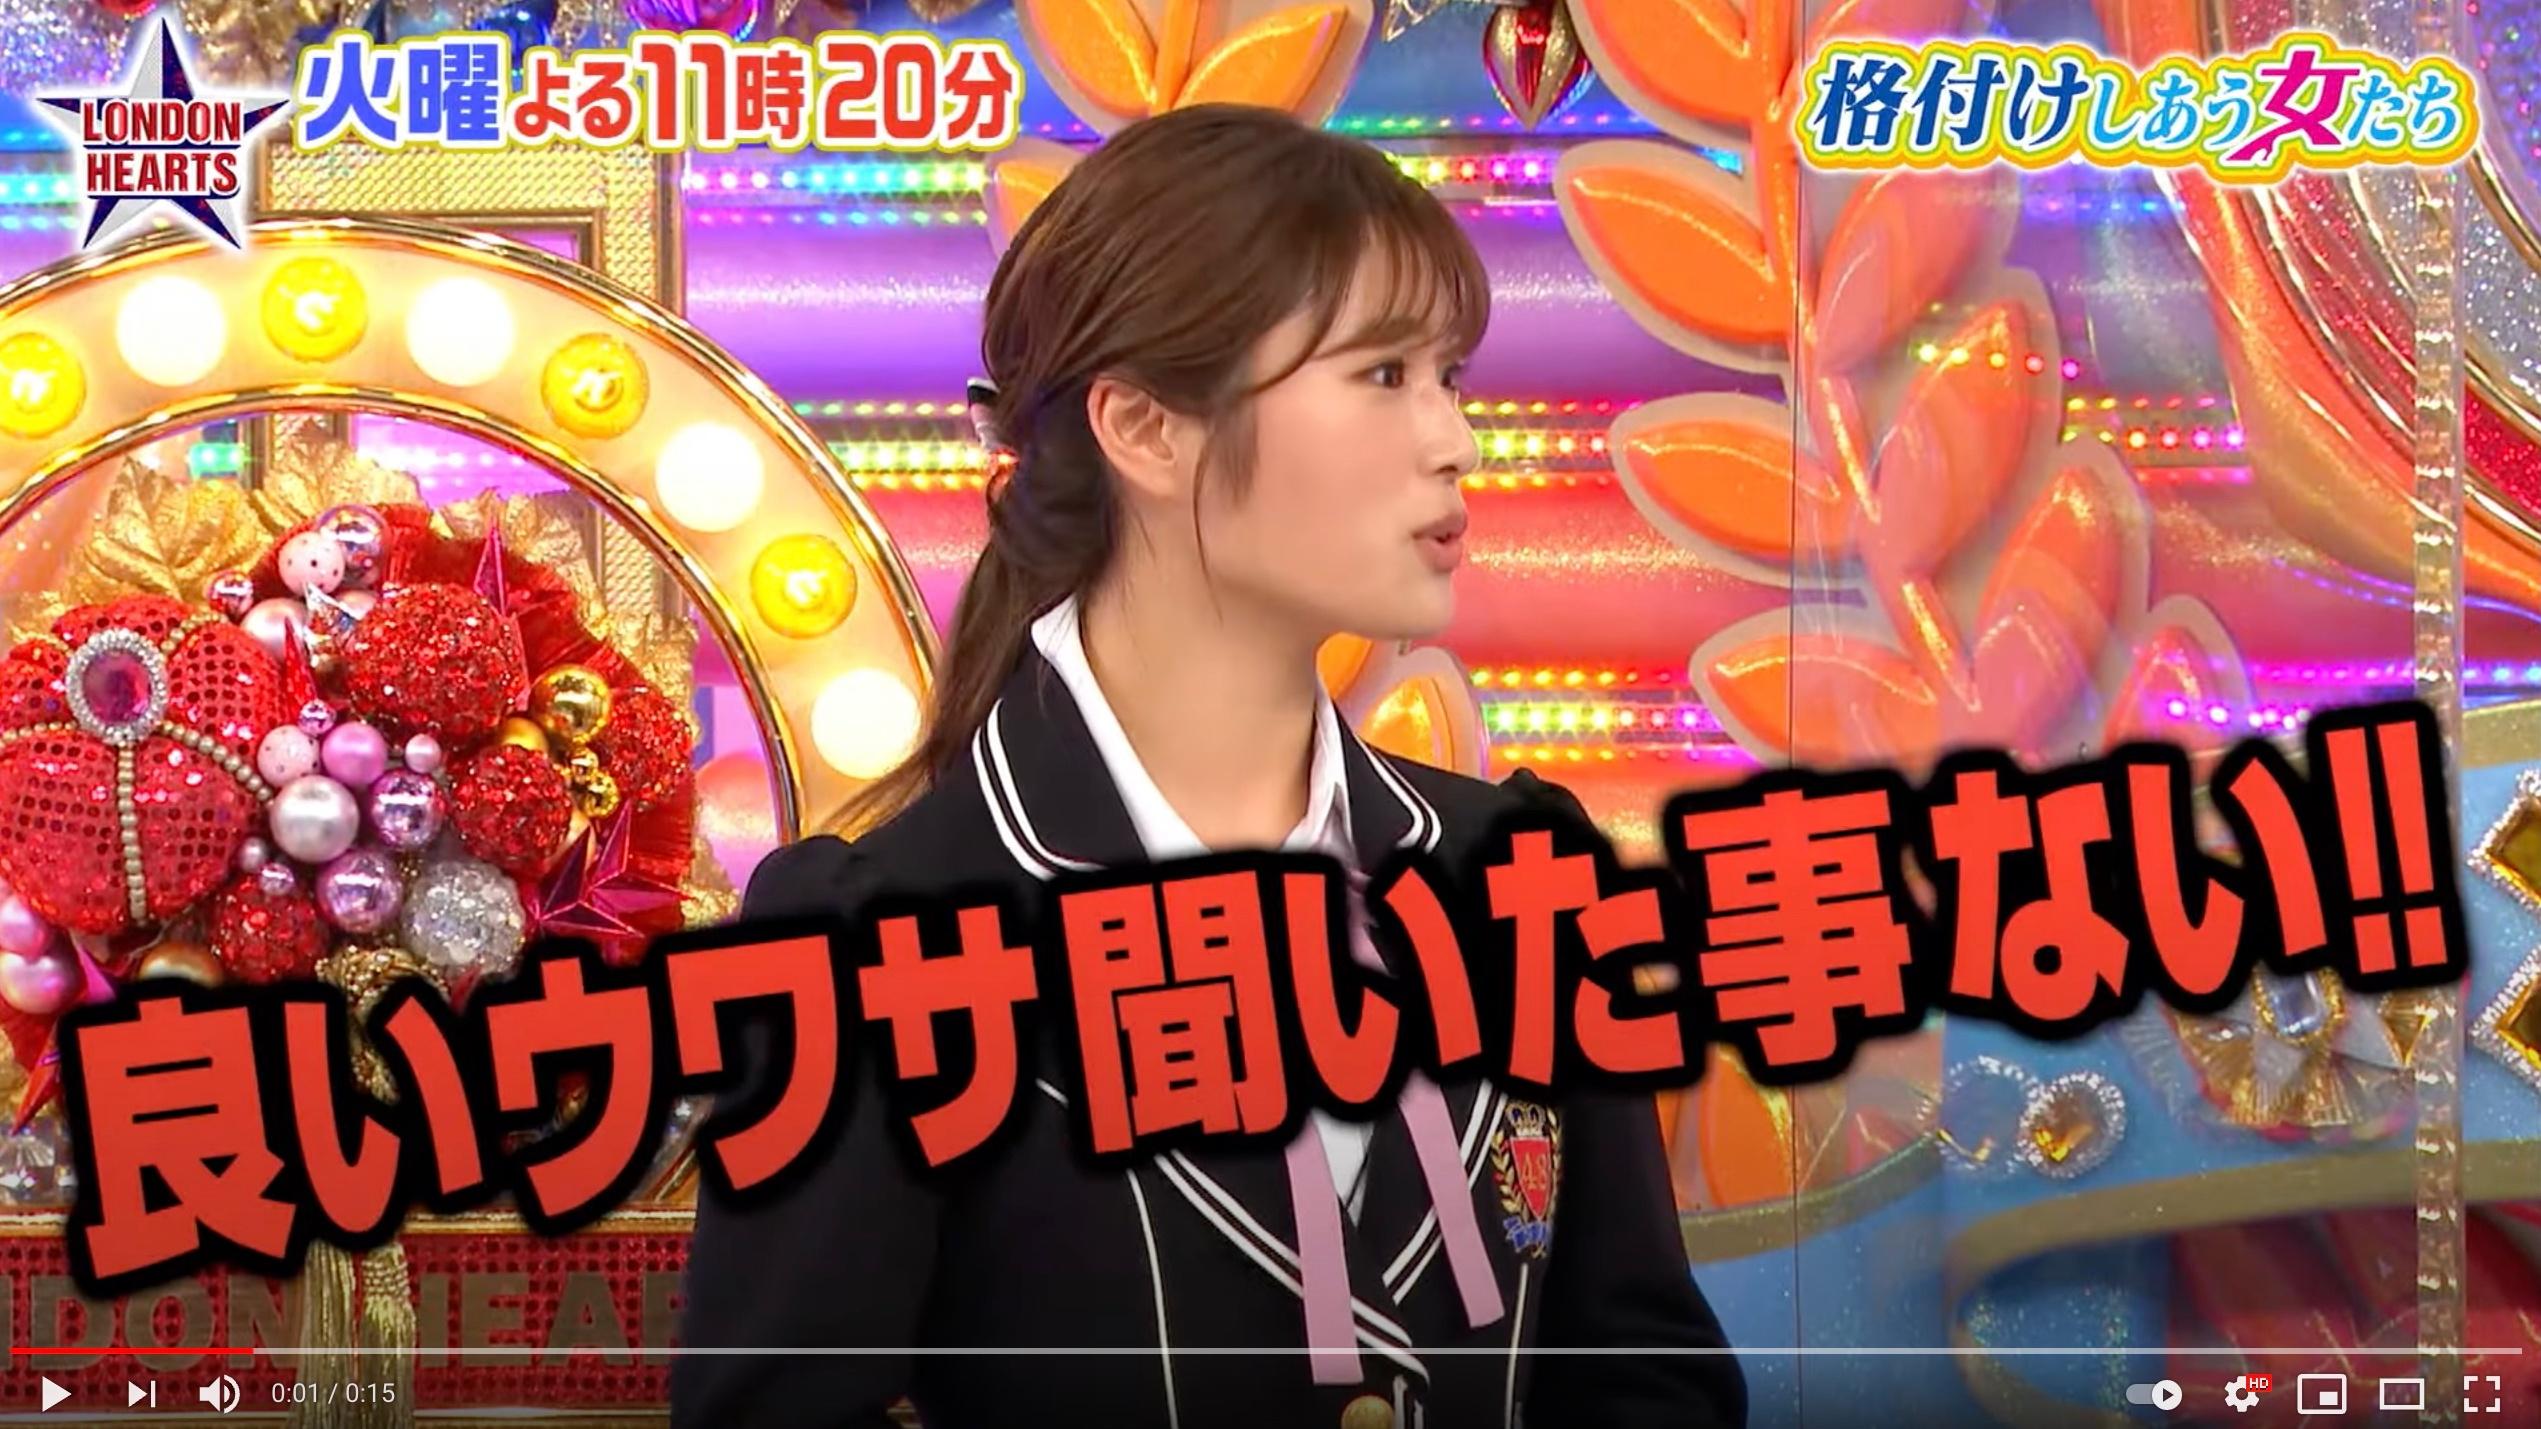 【渋谷凪咲】8月31日放送ロンドンハーツの予告動画が公開